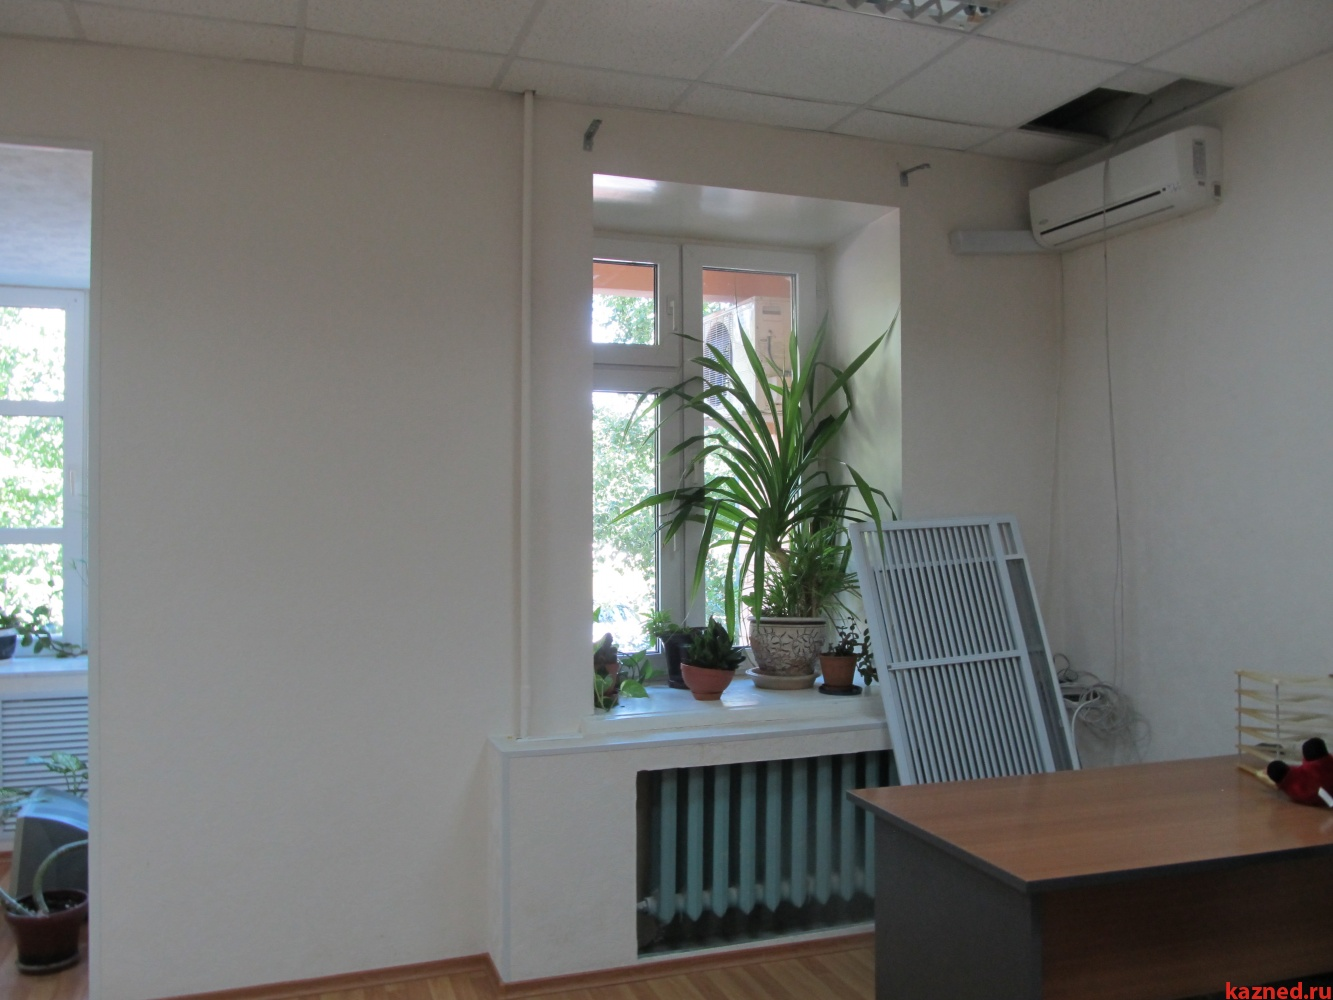 Офисное помещение 95,2 м2 в центре города. Напротив Suvar Plaza. (миниатюра №5)